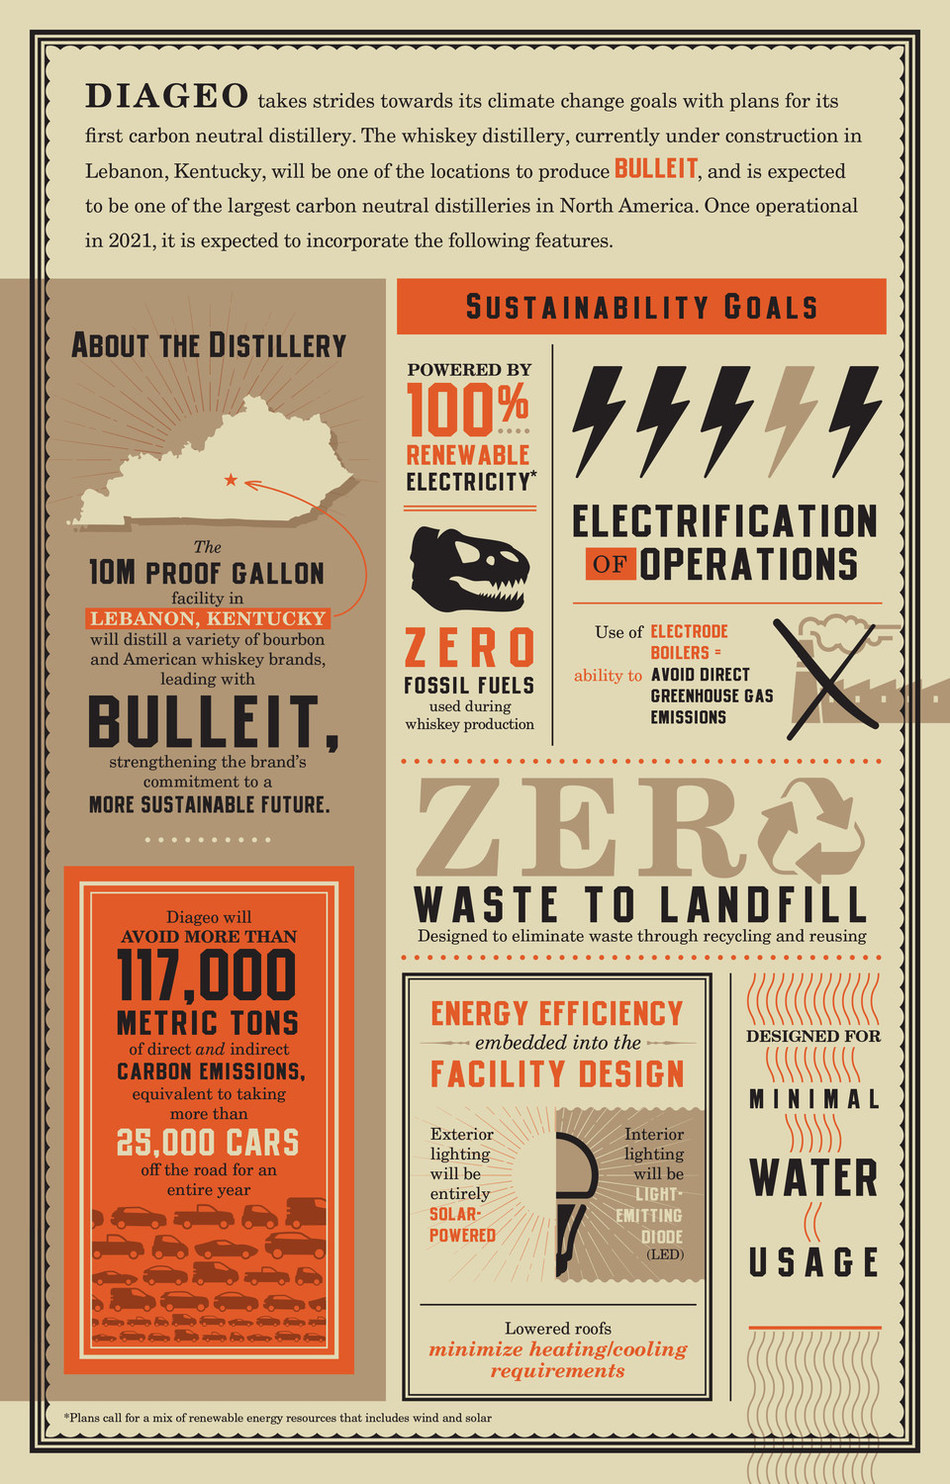 Diageo Lebanon Distillery Infographic